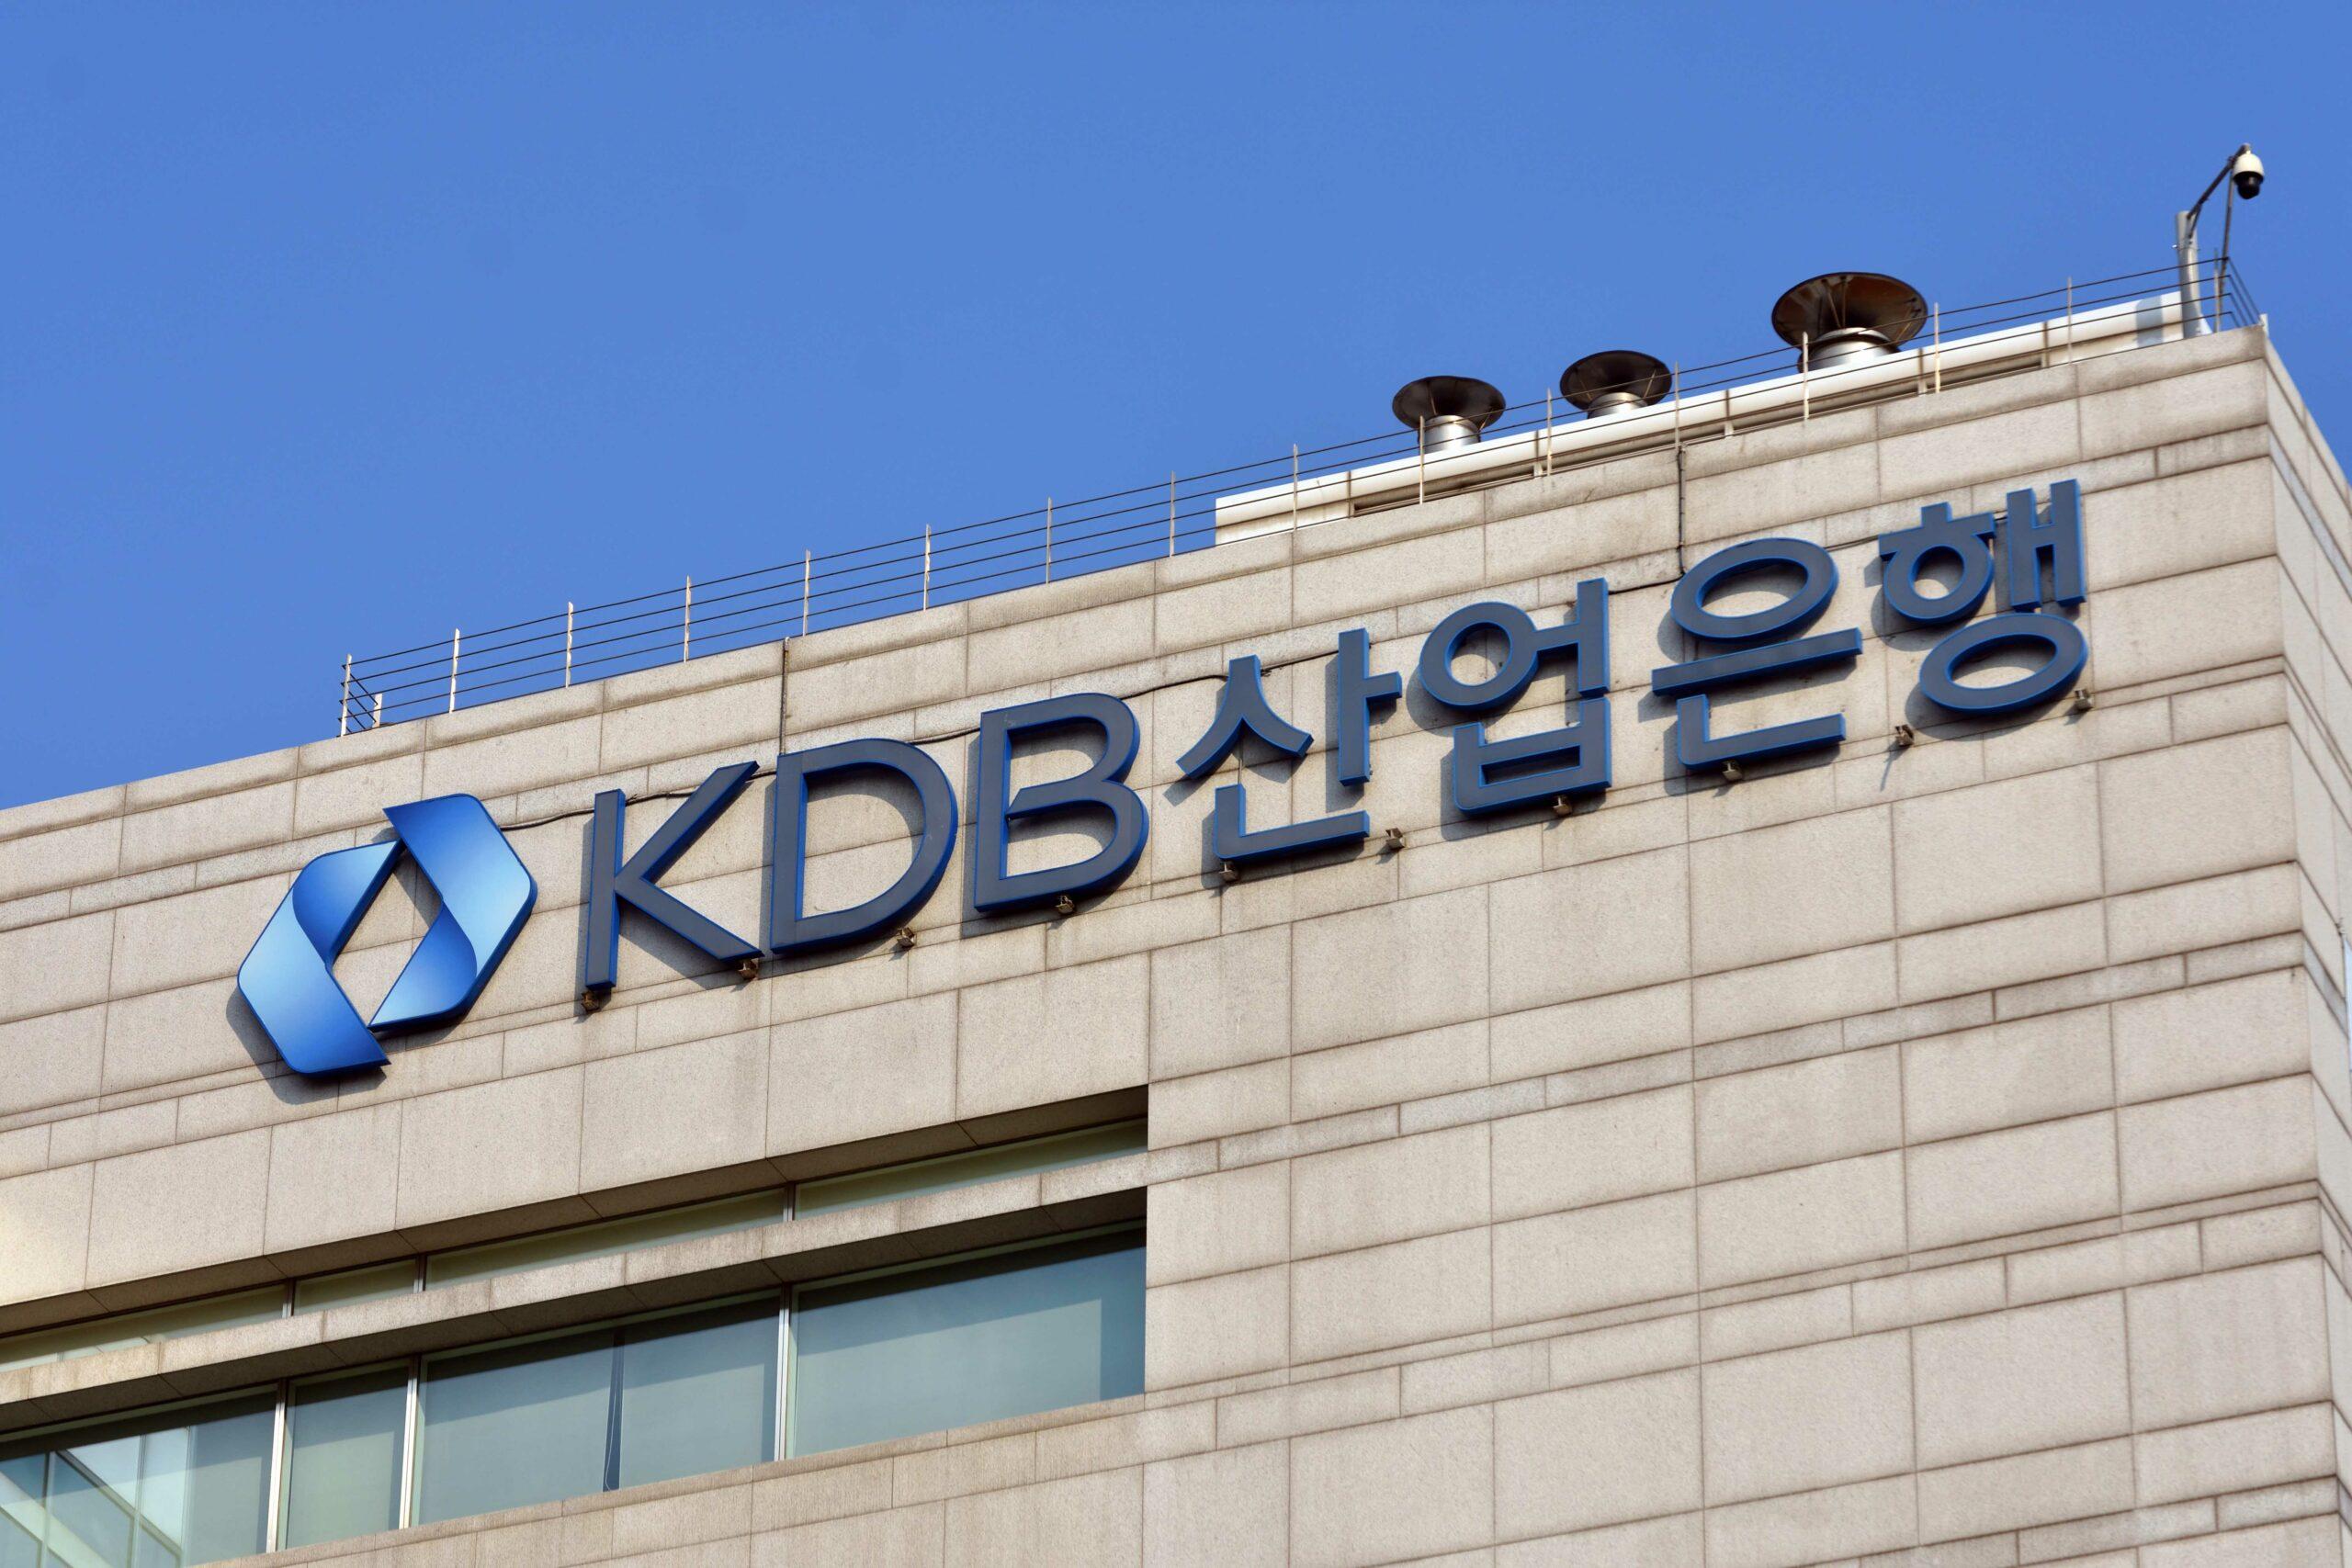 Posco taking over HMM from Korean Development Bank 1